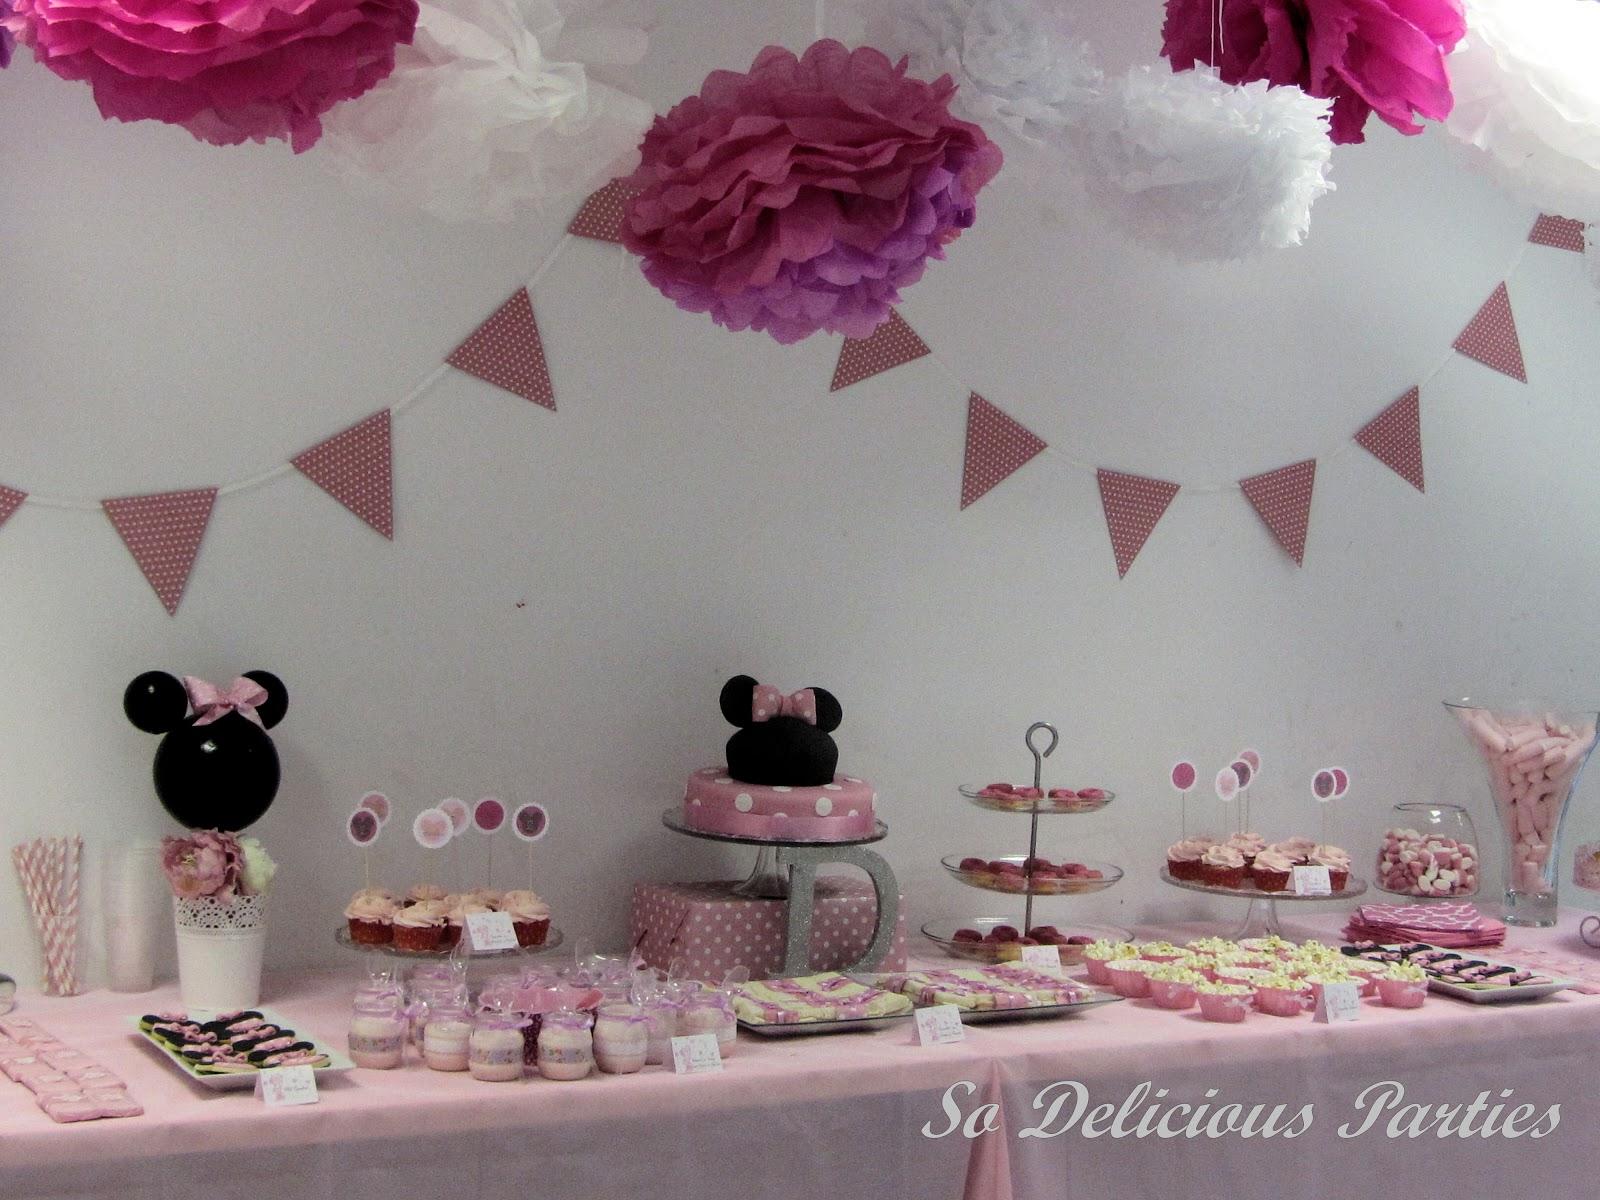 Decoracion fiesta de mimi mouse rosa imagui - Decoracion fiesta rosa ...